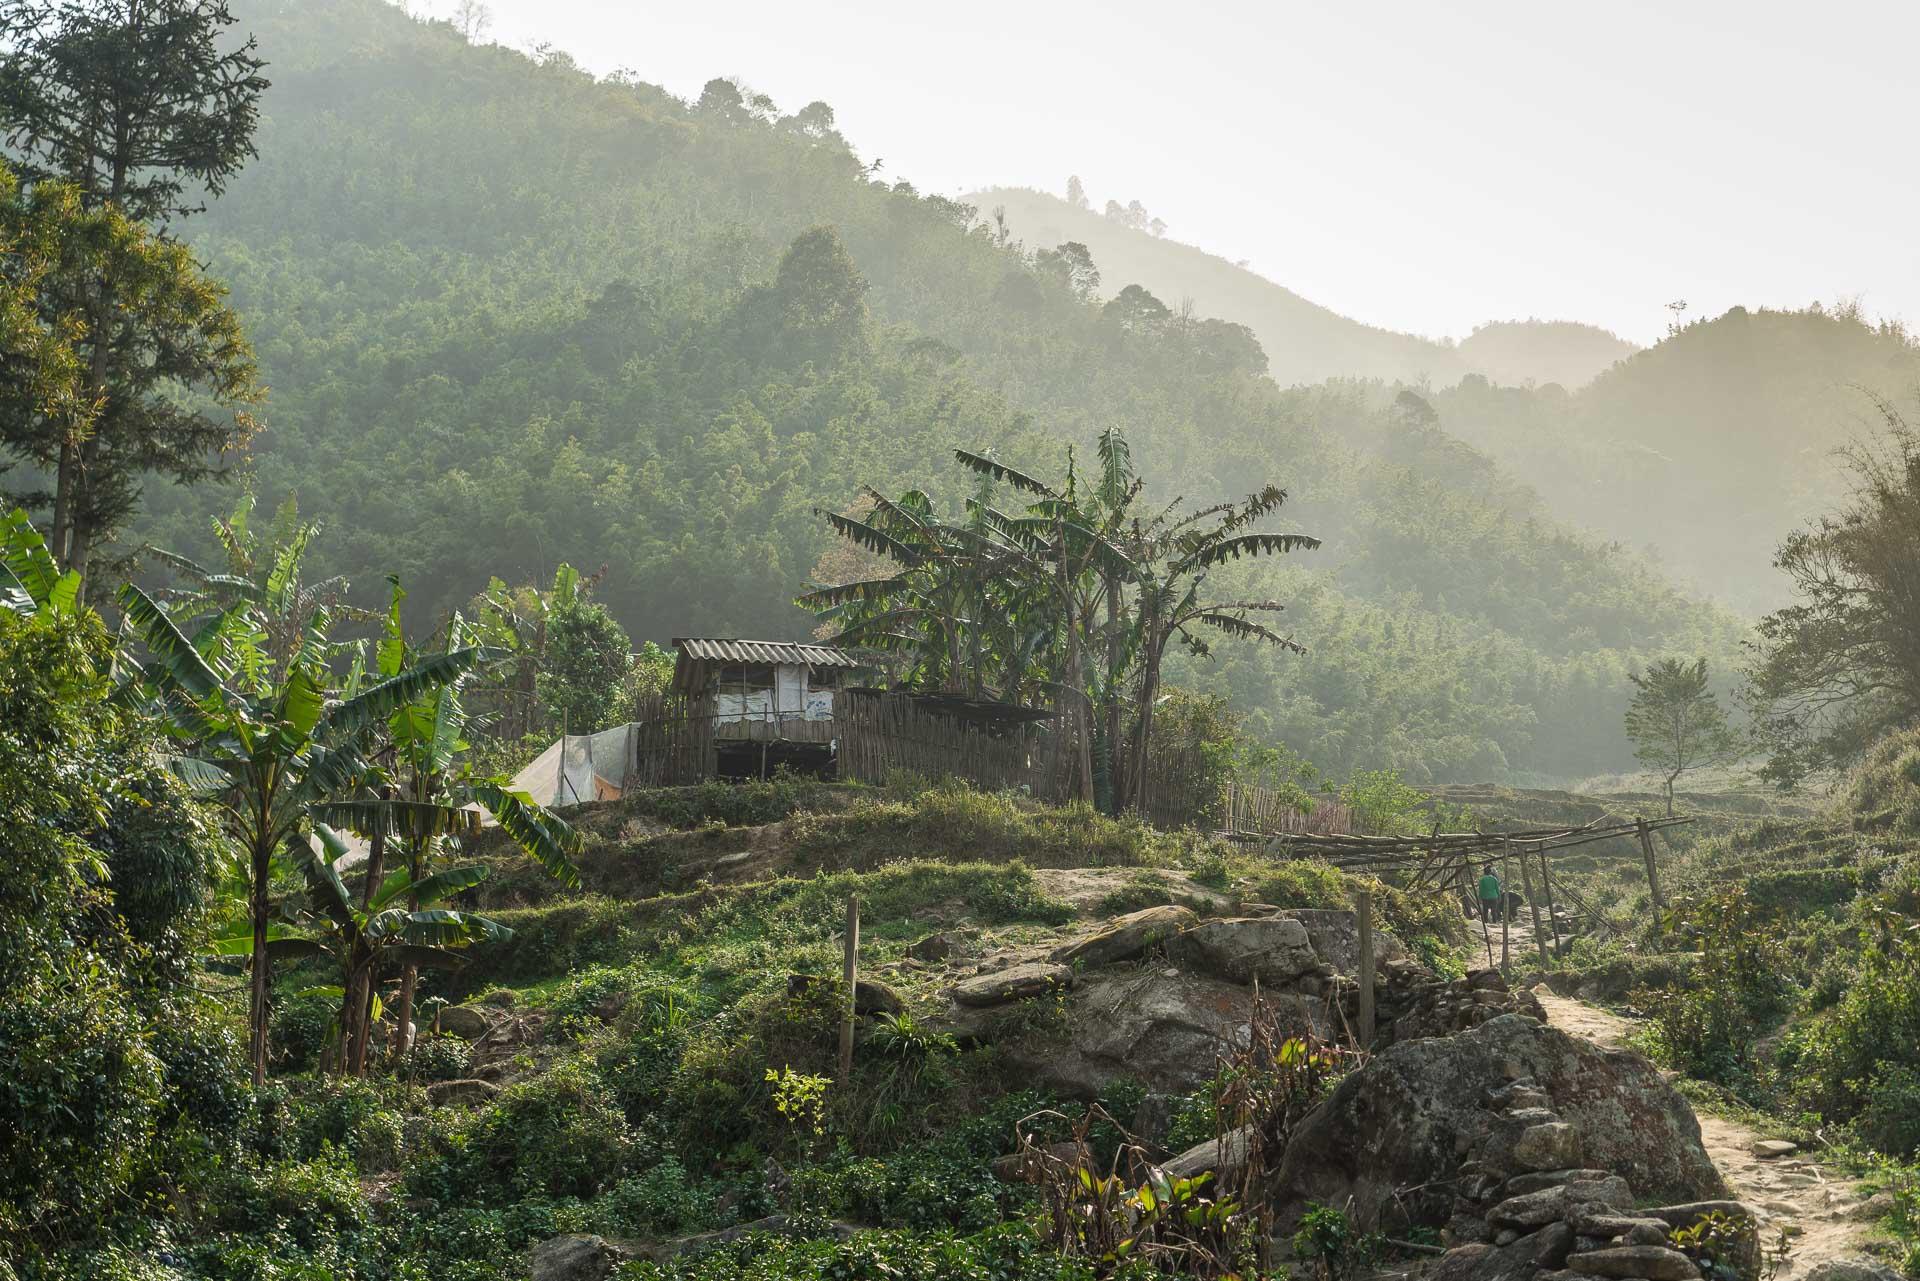 lesvoyageuses-trek-sapa-minorites-ethniques-itineraire-vietnam-16